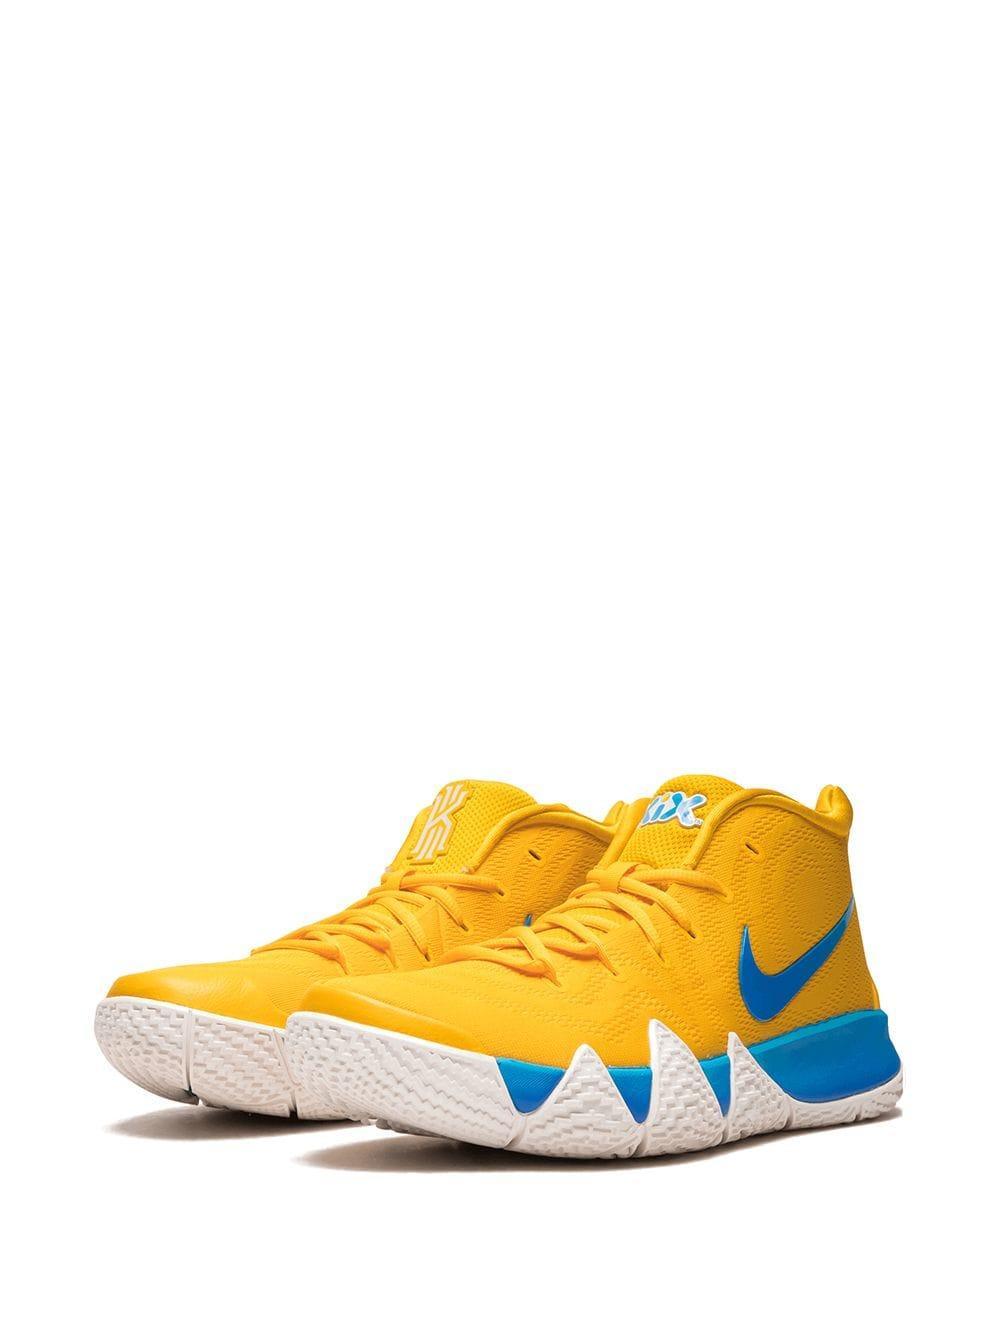 best sneakers 1dfbe 606d0 Nike Kyrie 4 Flyknit Sneakers in Yellow for Men - Lyst